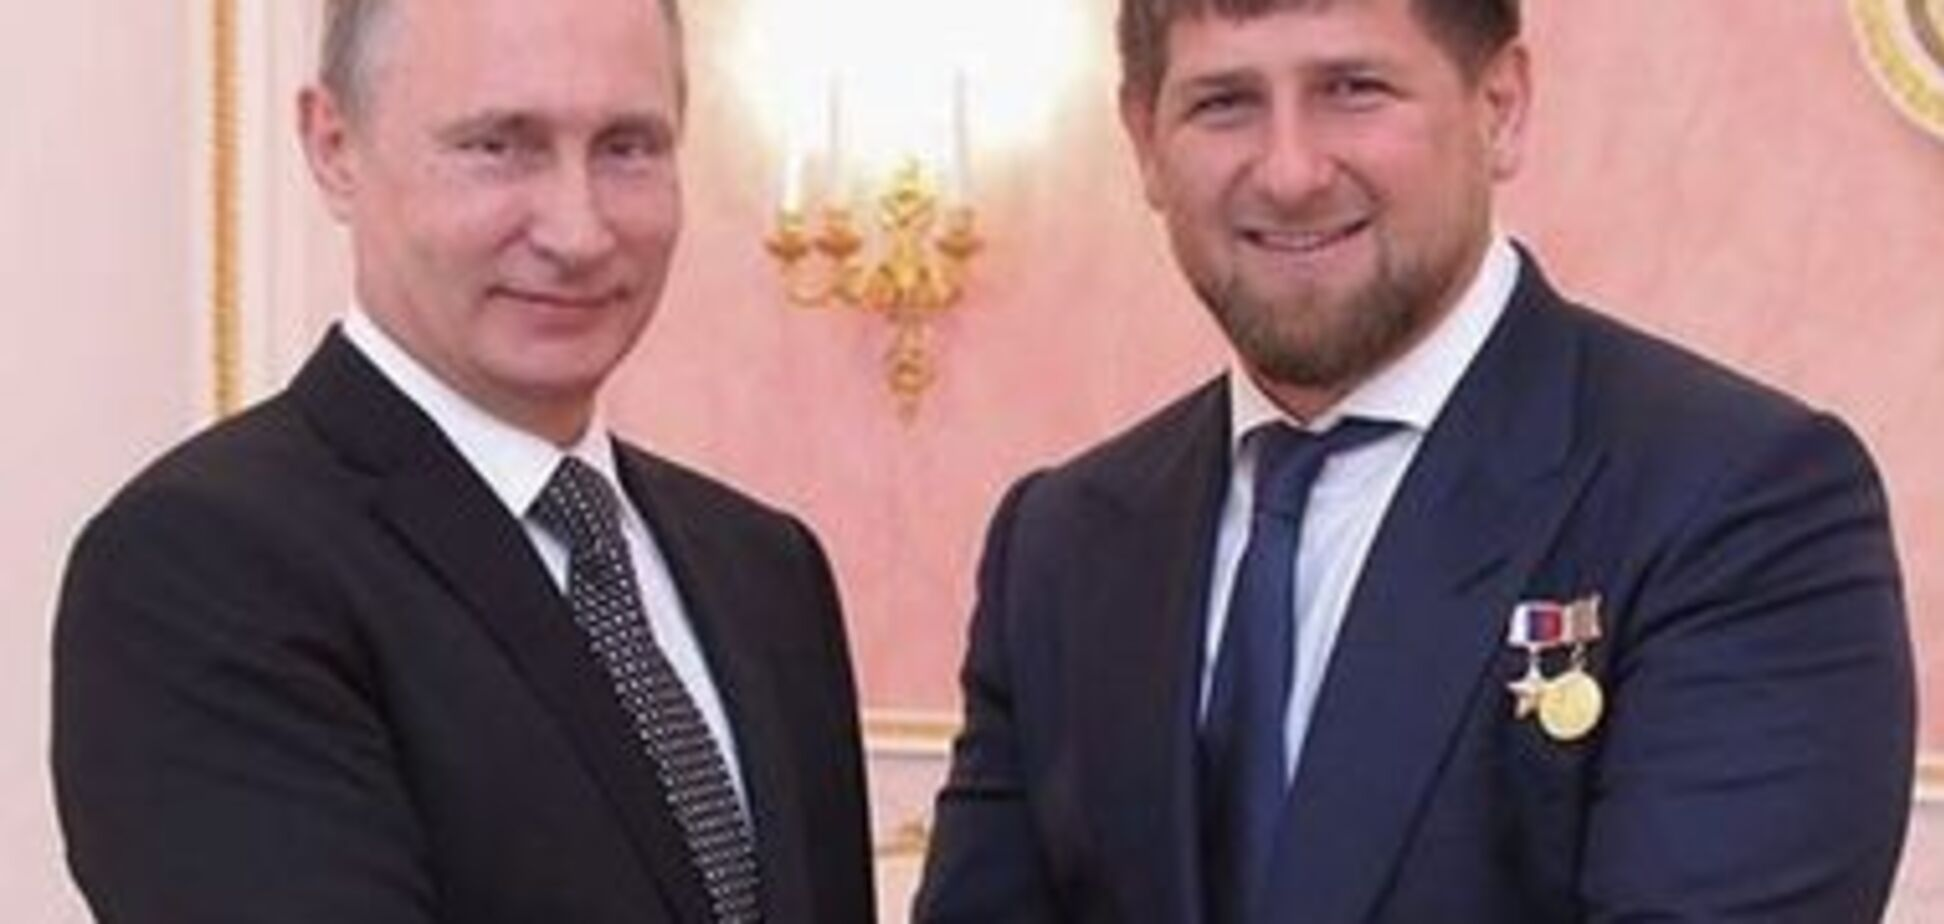 Ответственность за это преступление лежит именно на Путине